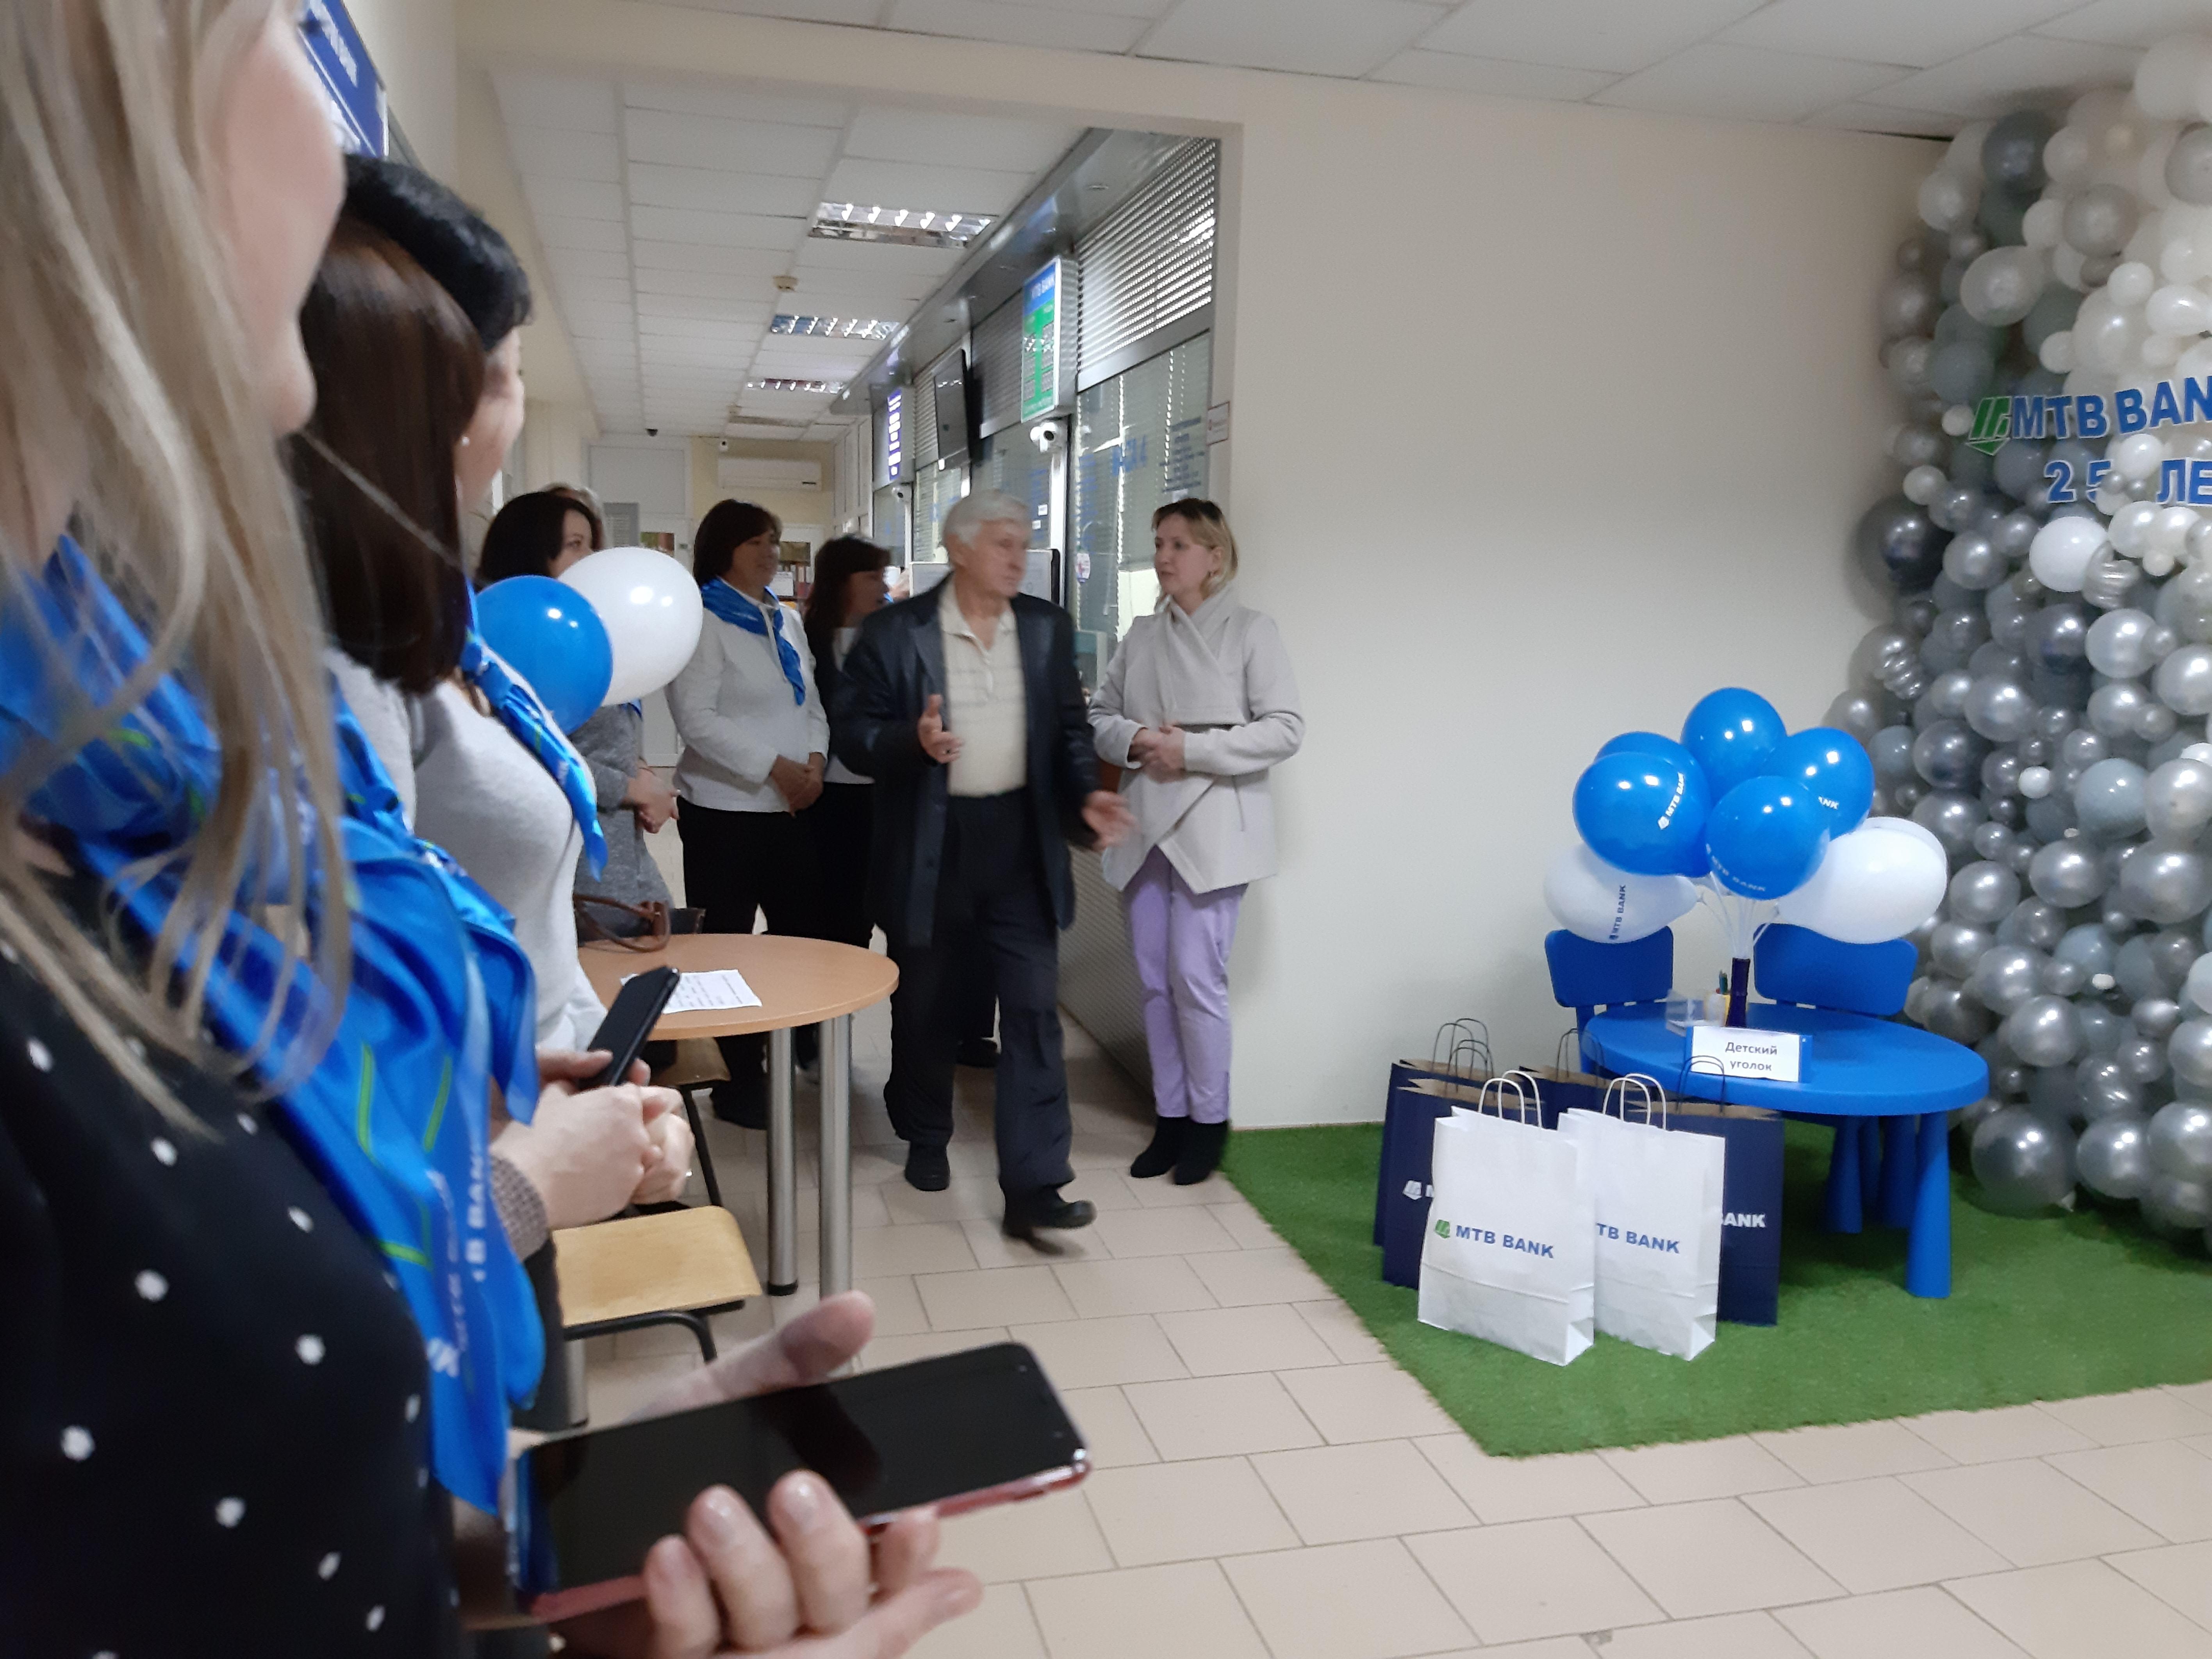 25 років МТБ БАНКу - 25 клієнтам подарунки! - фото 2 - mtb.ua